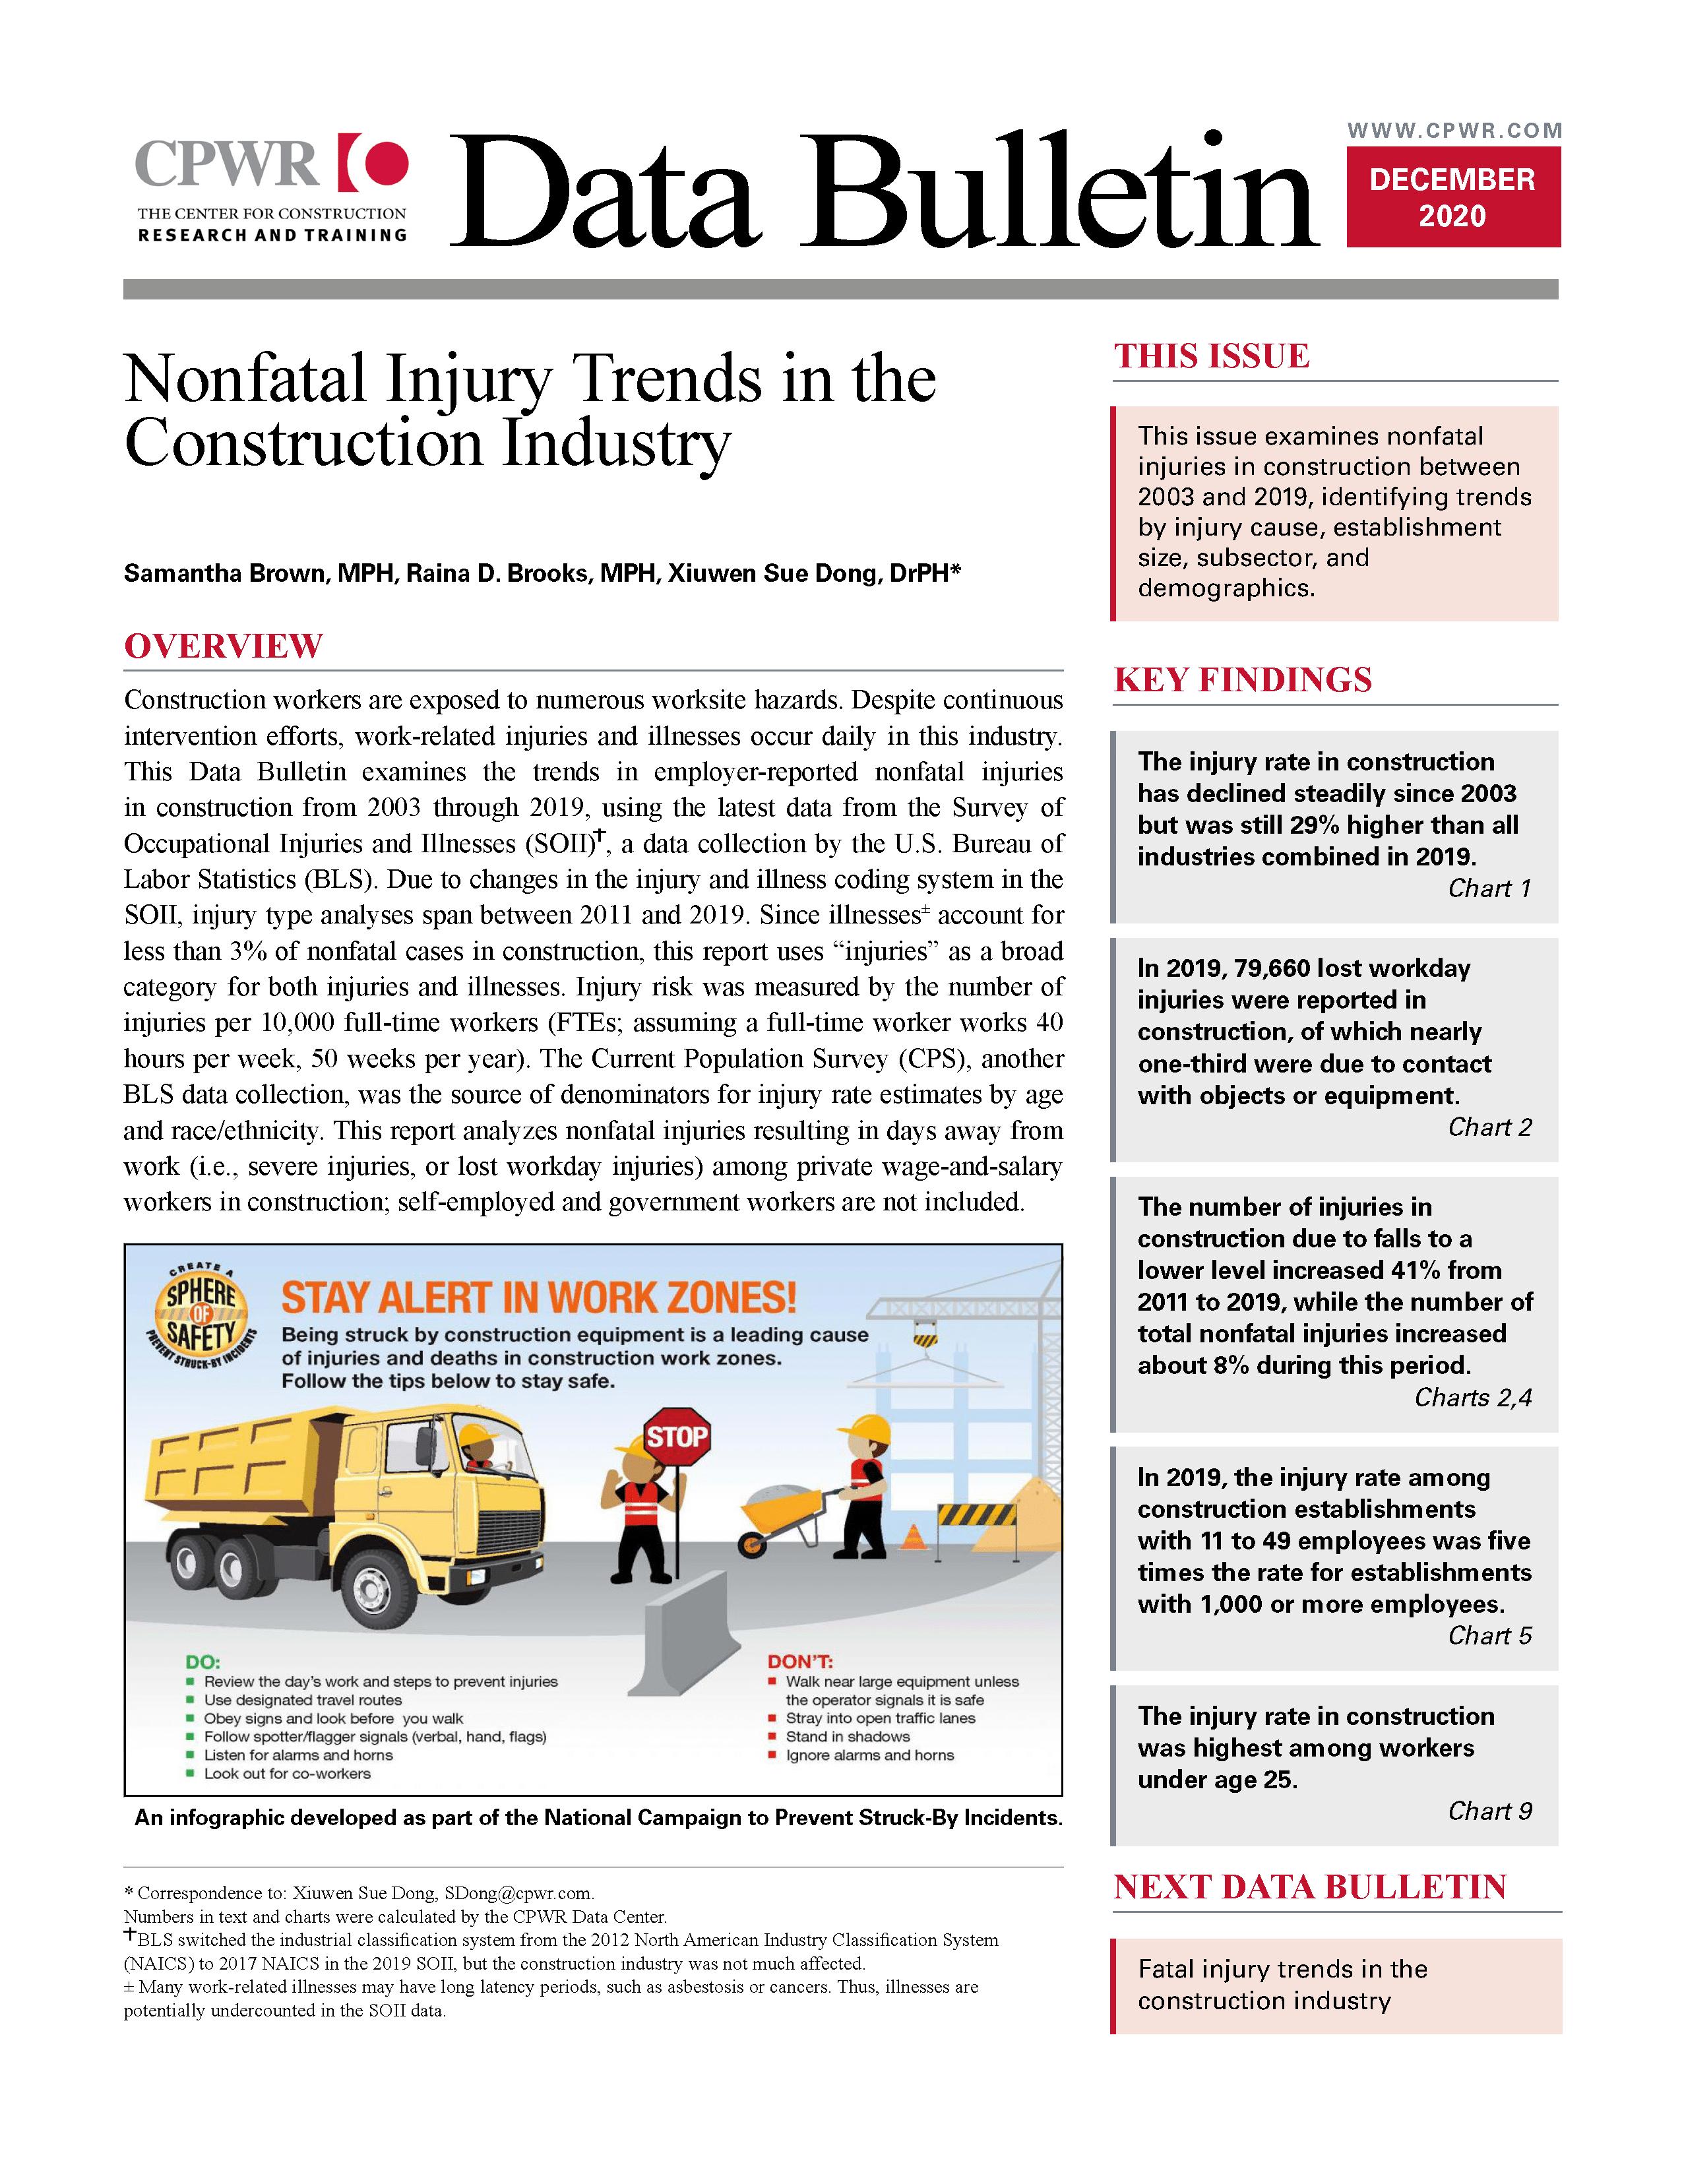 Cover of the December 2020 Data Bulletin